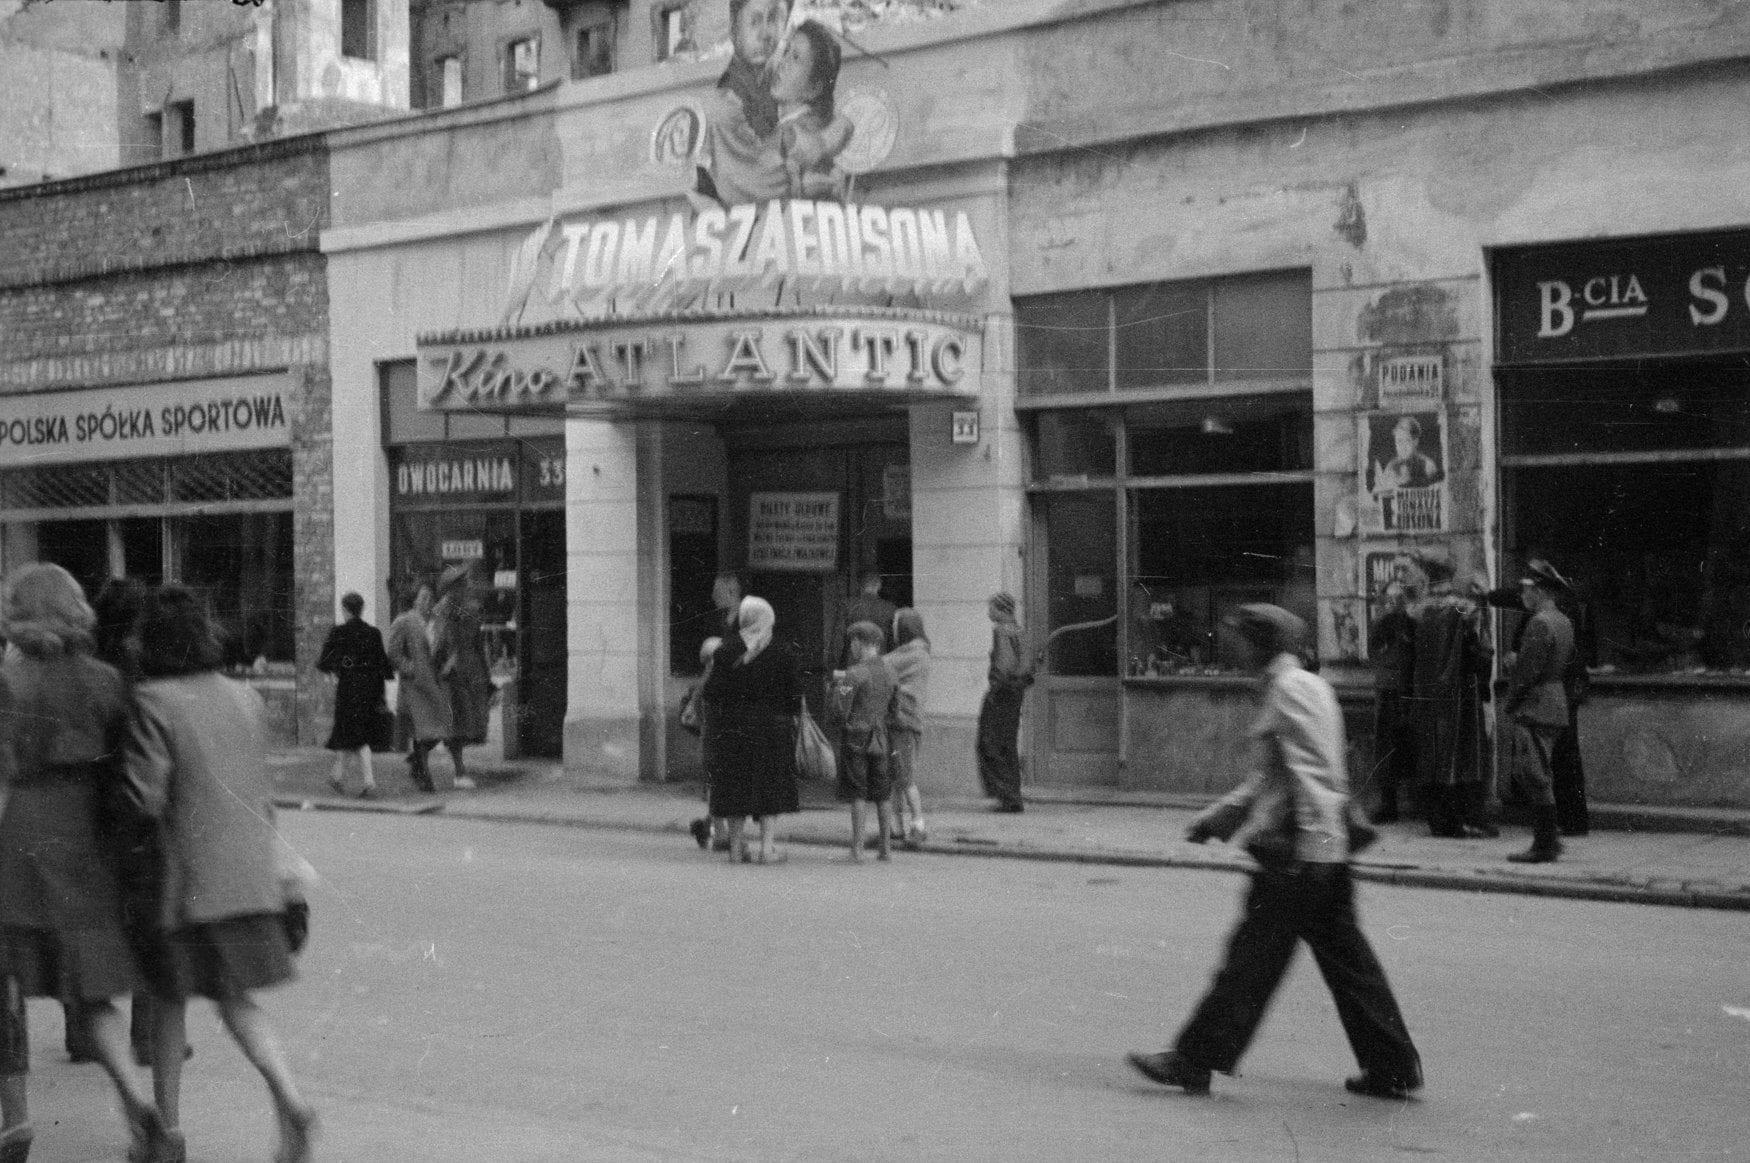 Kino Atlantic w Warszawie lata 40